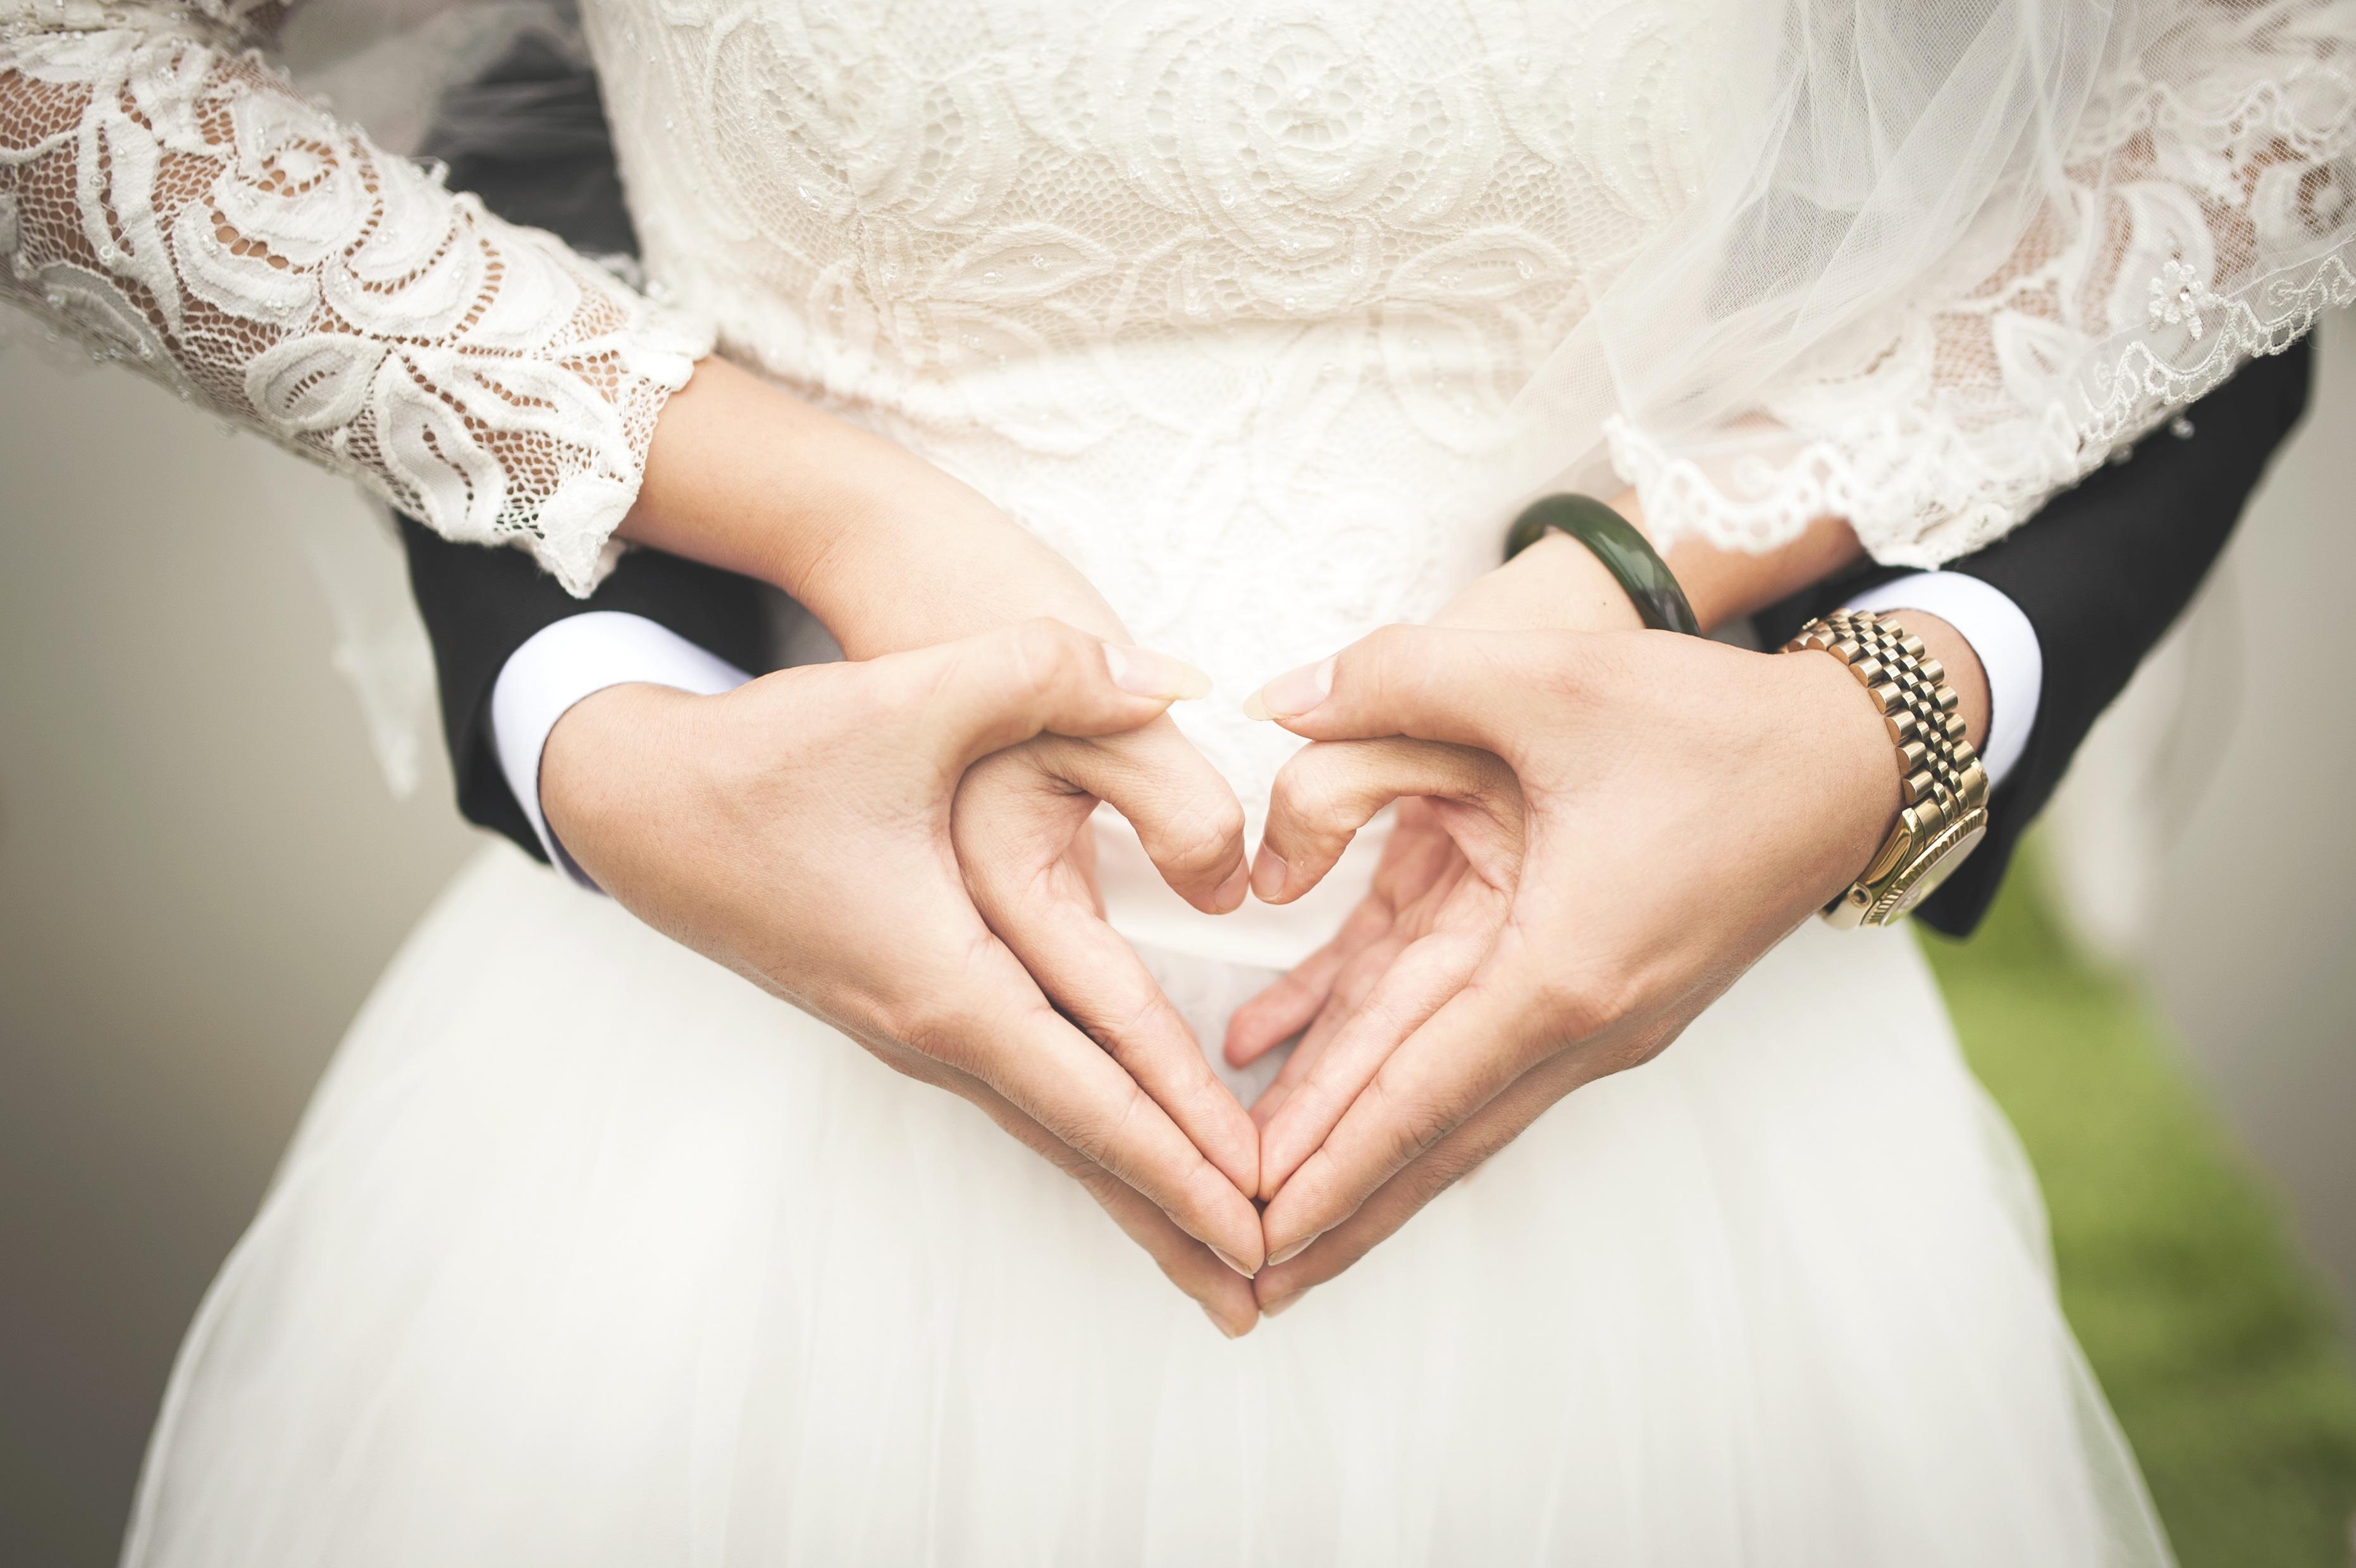 Die Hände eines Brautpaares formen ein Herz